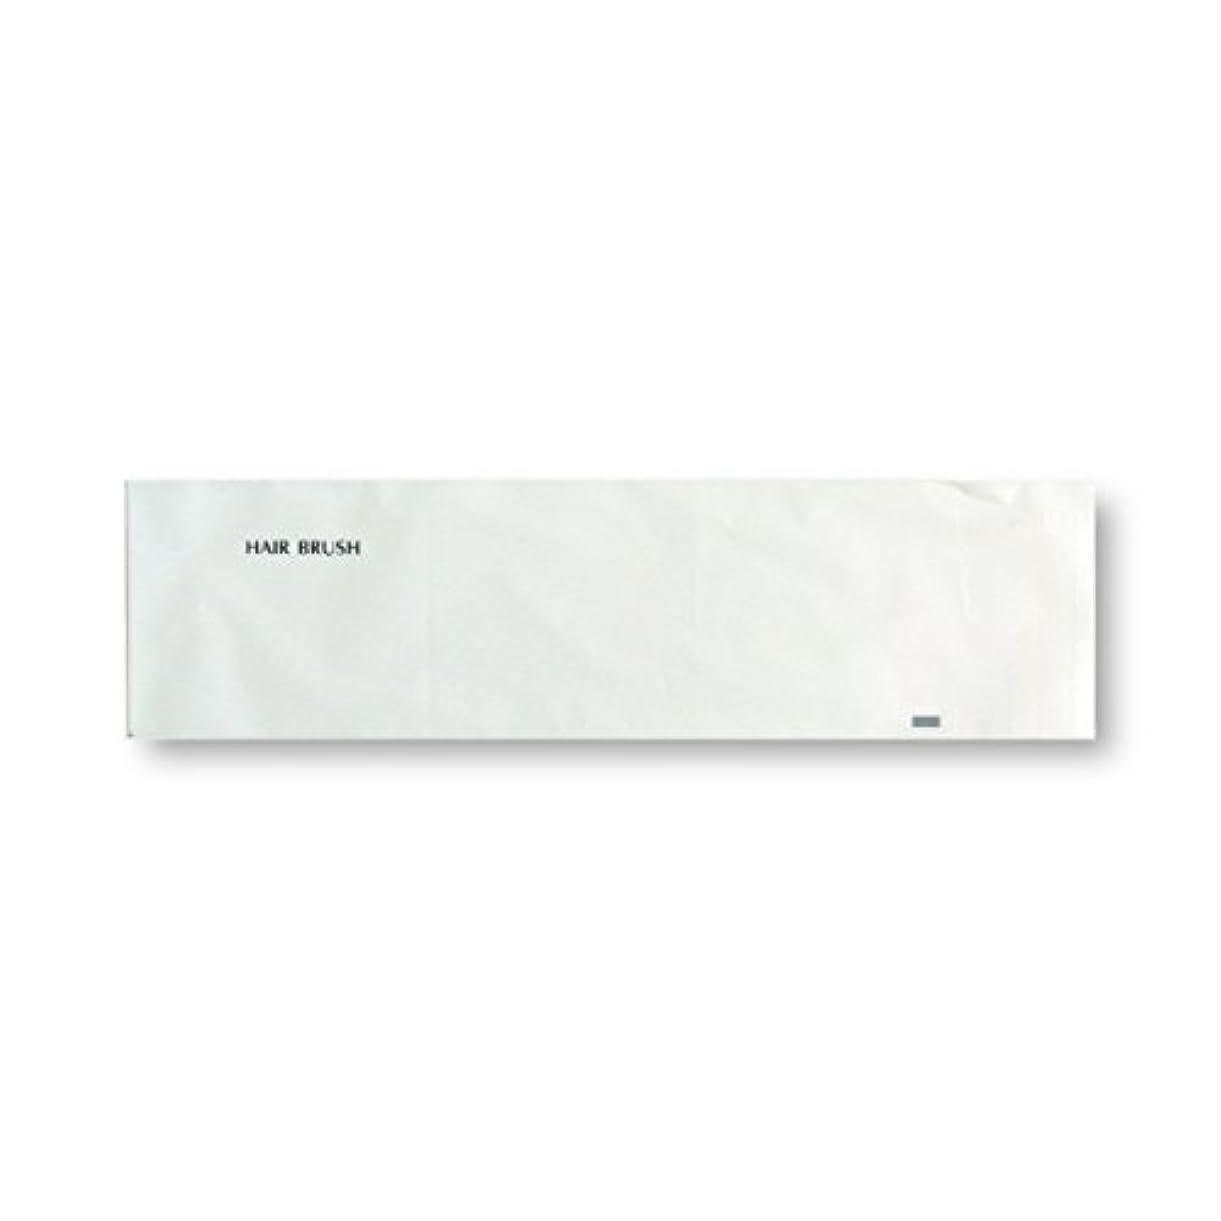 ストライプクリーナートロイの木馬ヘアブラシ用袋 マットシリーズ 1000枚